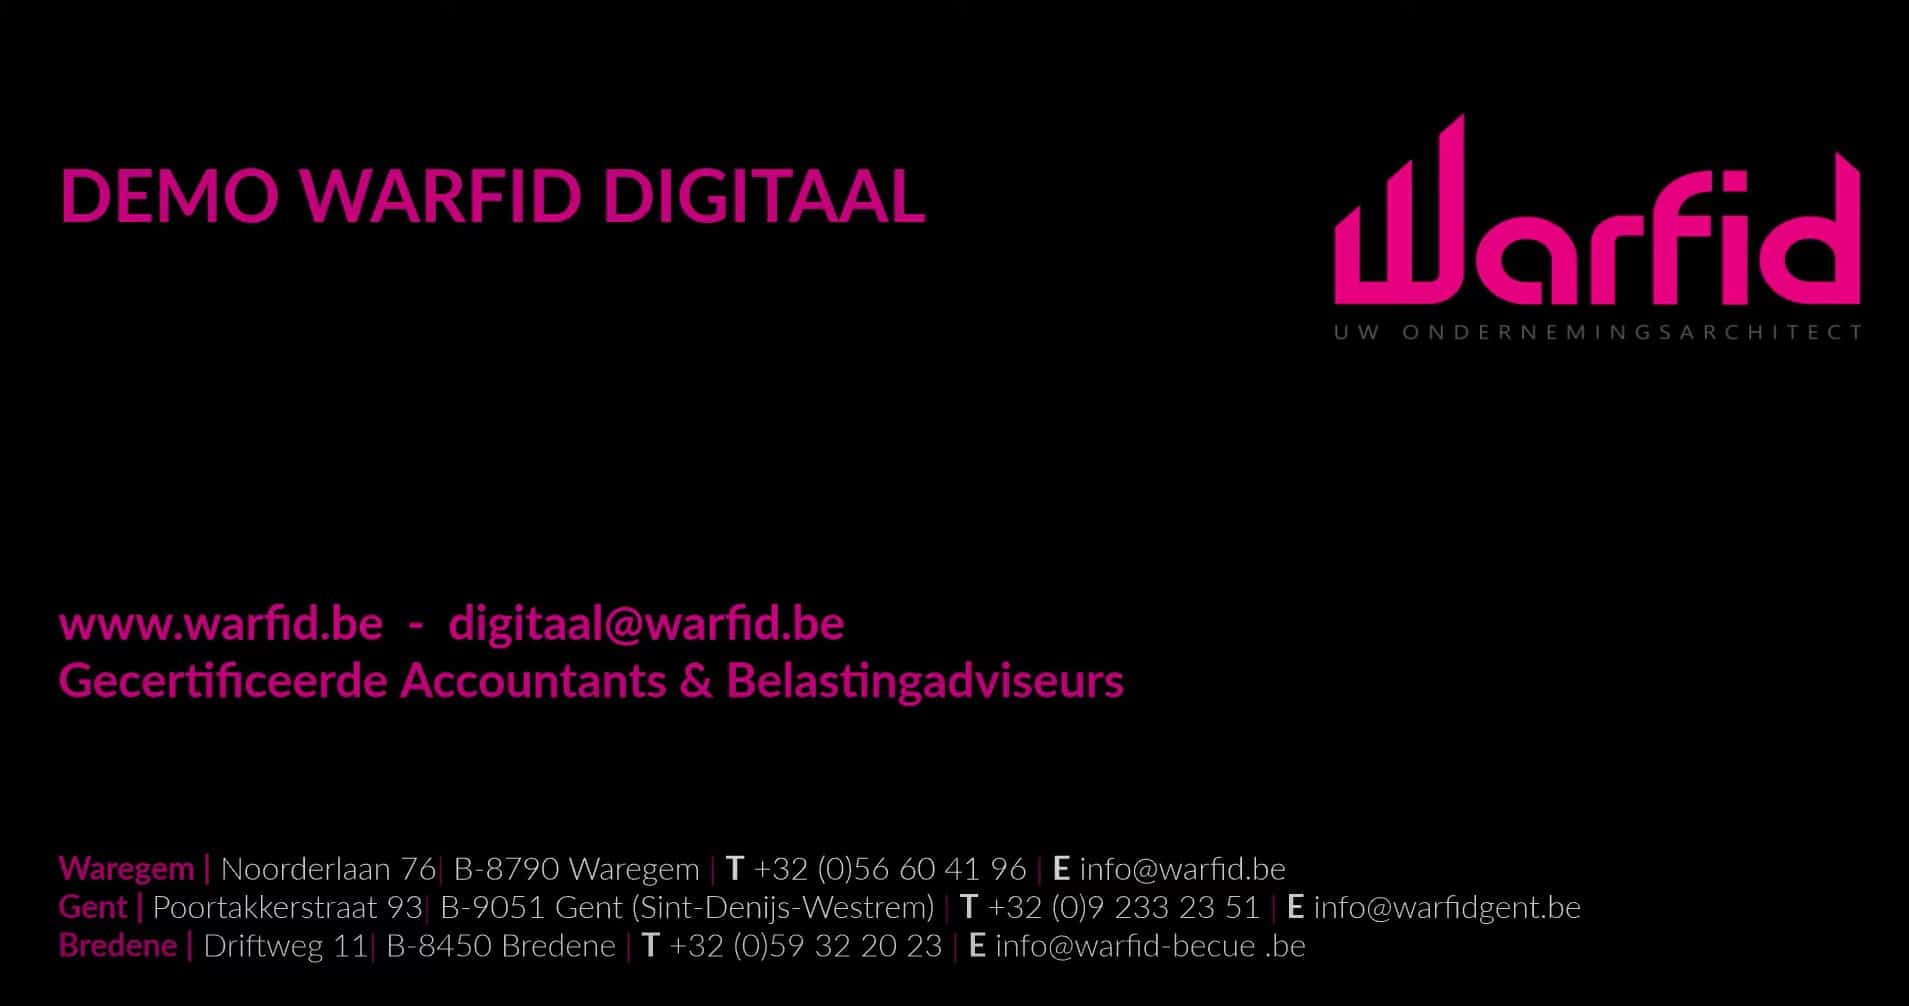 Warfid Digitaal